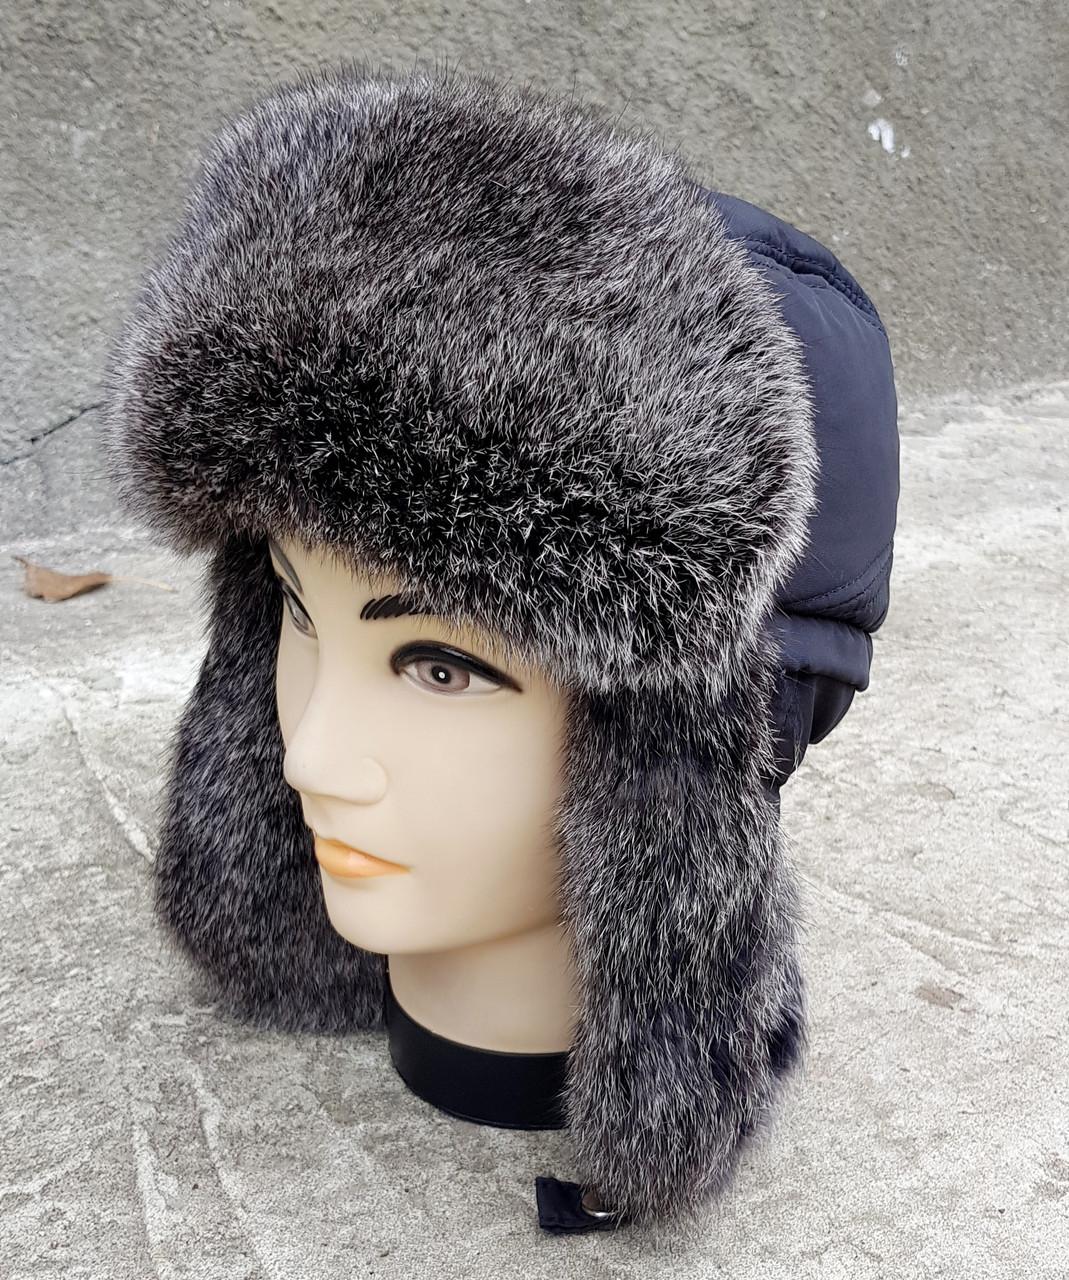 Зимняя мужская шапка-ушанка Klaus с Резинкой 56-57  Чёрная  с Серым Мехом (05)